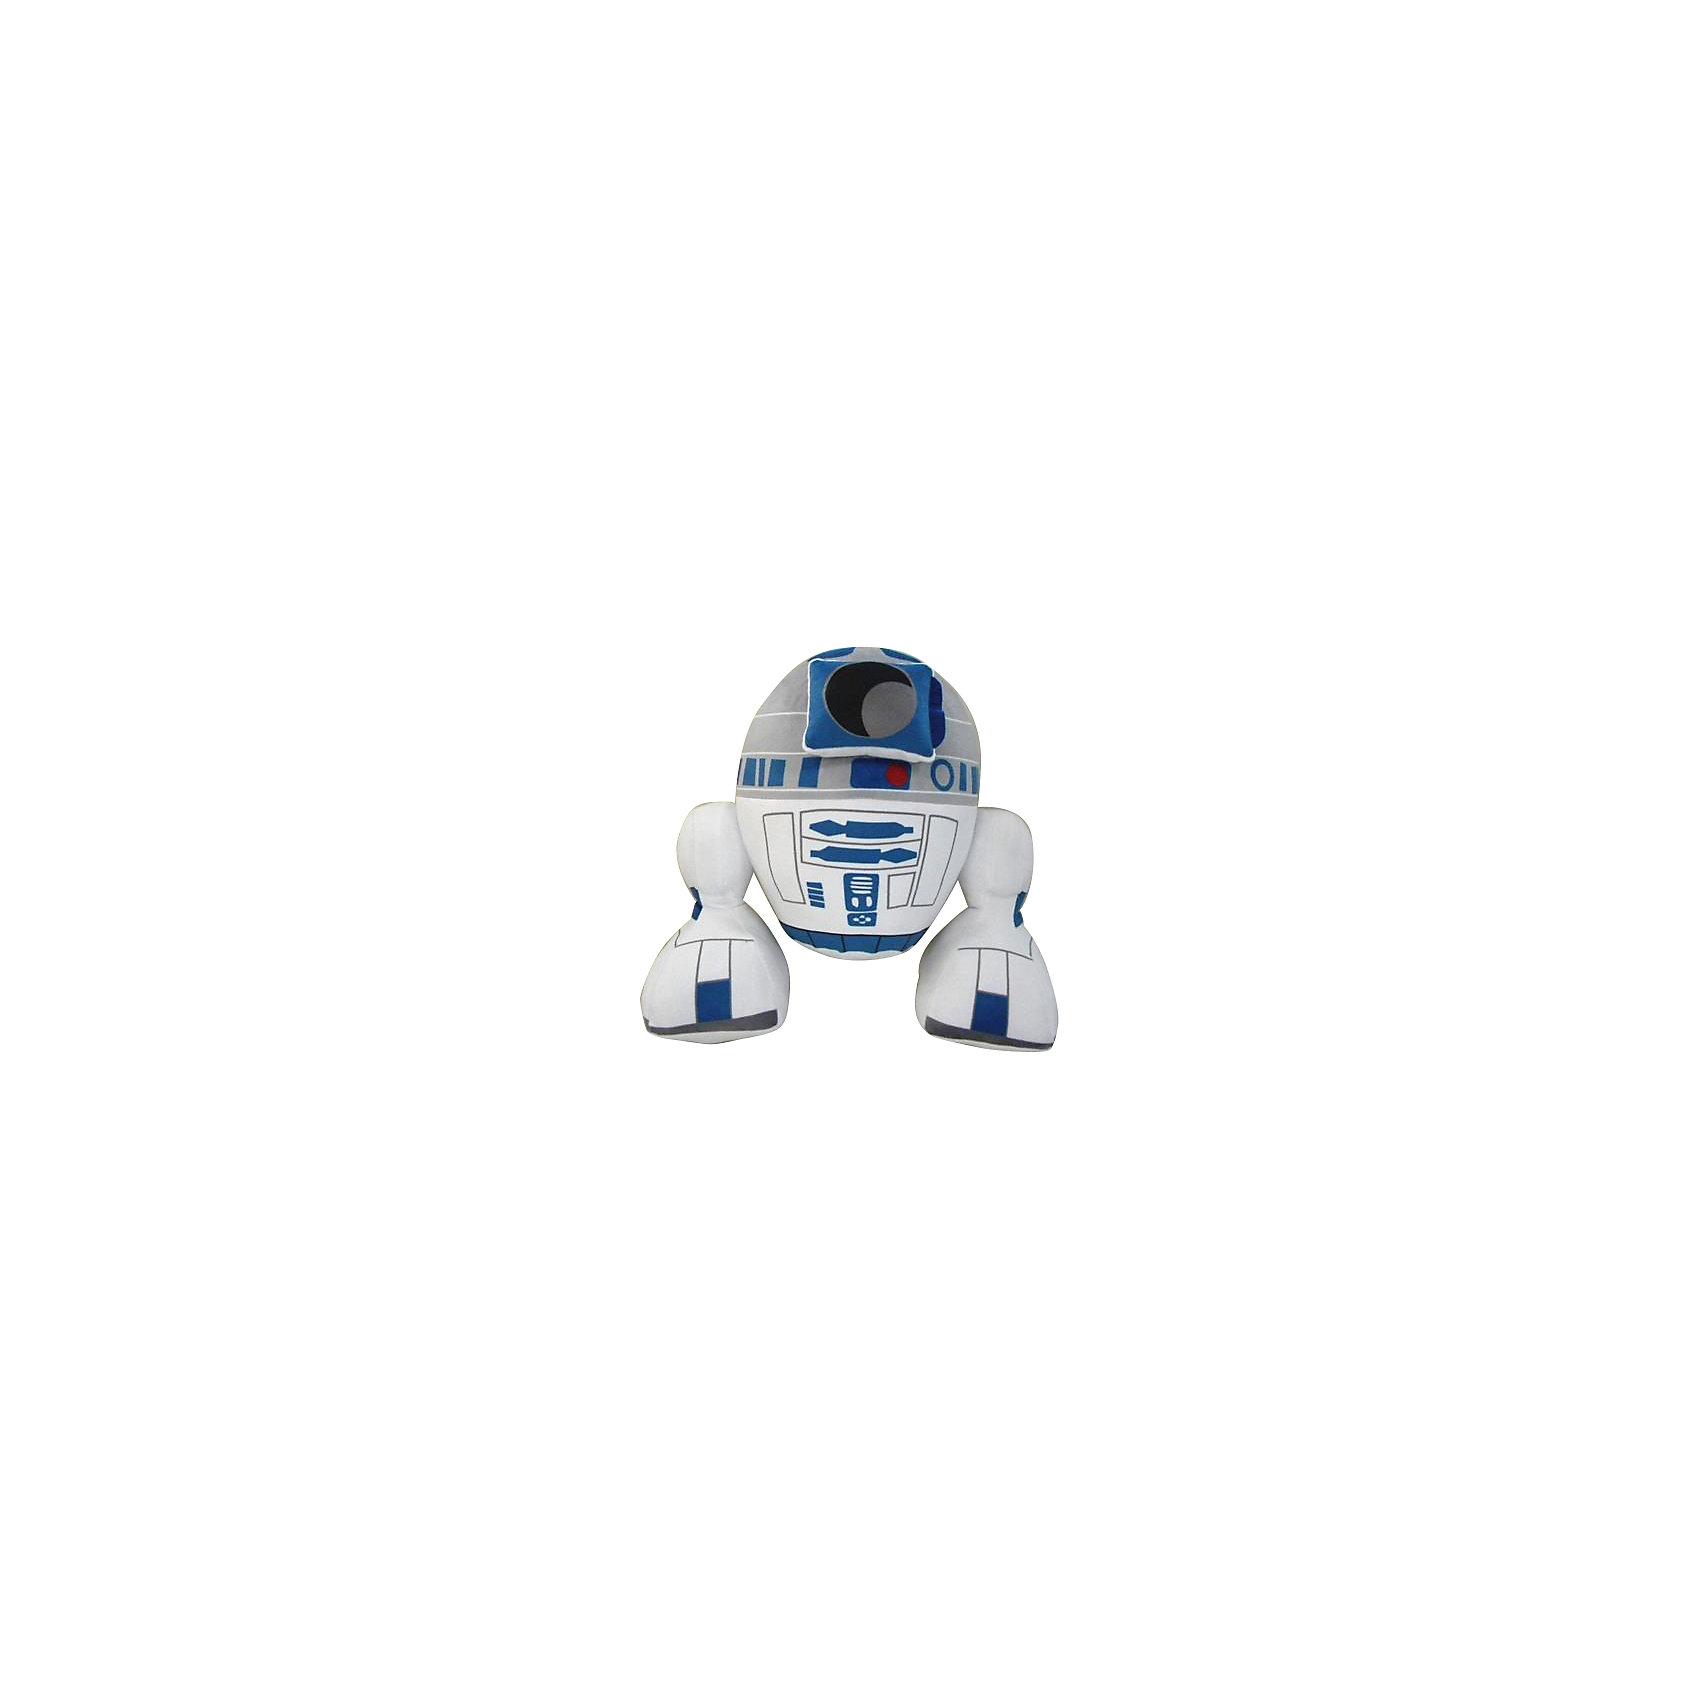 Мягкая игрушка Р2-Д2, 18 см, Звездные войныЛюбимые герои<br>Забавный плюшевый робот R2-D2, Звездные войны  - оригинальная мягкая игрушка, которая станет приятным сюрпризом для детей любого возраста. Игрушка изображает популярного персонажа из знаменитой киноэпопеи Звездные войны (Star Wars) - робота R2-D2 и внешне очень похожа на своего экранного персонажа. Фигурка робота очень мягкая и приятная на ощупь, на корпусе хорошо прорисованы различные детали и схемы. Изготовлена из качественных экологичных материалов и совершенно безопасна для детского здоровья. <br><br>Дополнительная информация:<br><br>- Материал: плюш, синтепон.<br>- Высота игрушки: 18 см.<br>- Размер упаковки: 10 х 12 х 18 см.<br>- Вес: 100 гр.<br><br>Мягкую игрушку Р2-Д2, Звездные войны, можно купить в нашем интернет-магазине.<br><br>Ширина мм: 140<br>Глубина мм: 160<br>Высота мм: 110<br>Вес г: 99<br>Возраст от месяцев: 36<br>Возраст до месяцев: 1188<br>Пол: Мужской<br>Возраст: Детский<br>SKU: 4302511